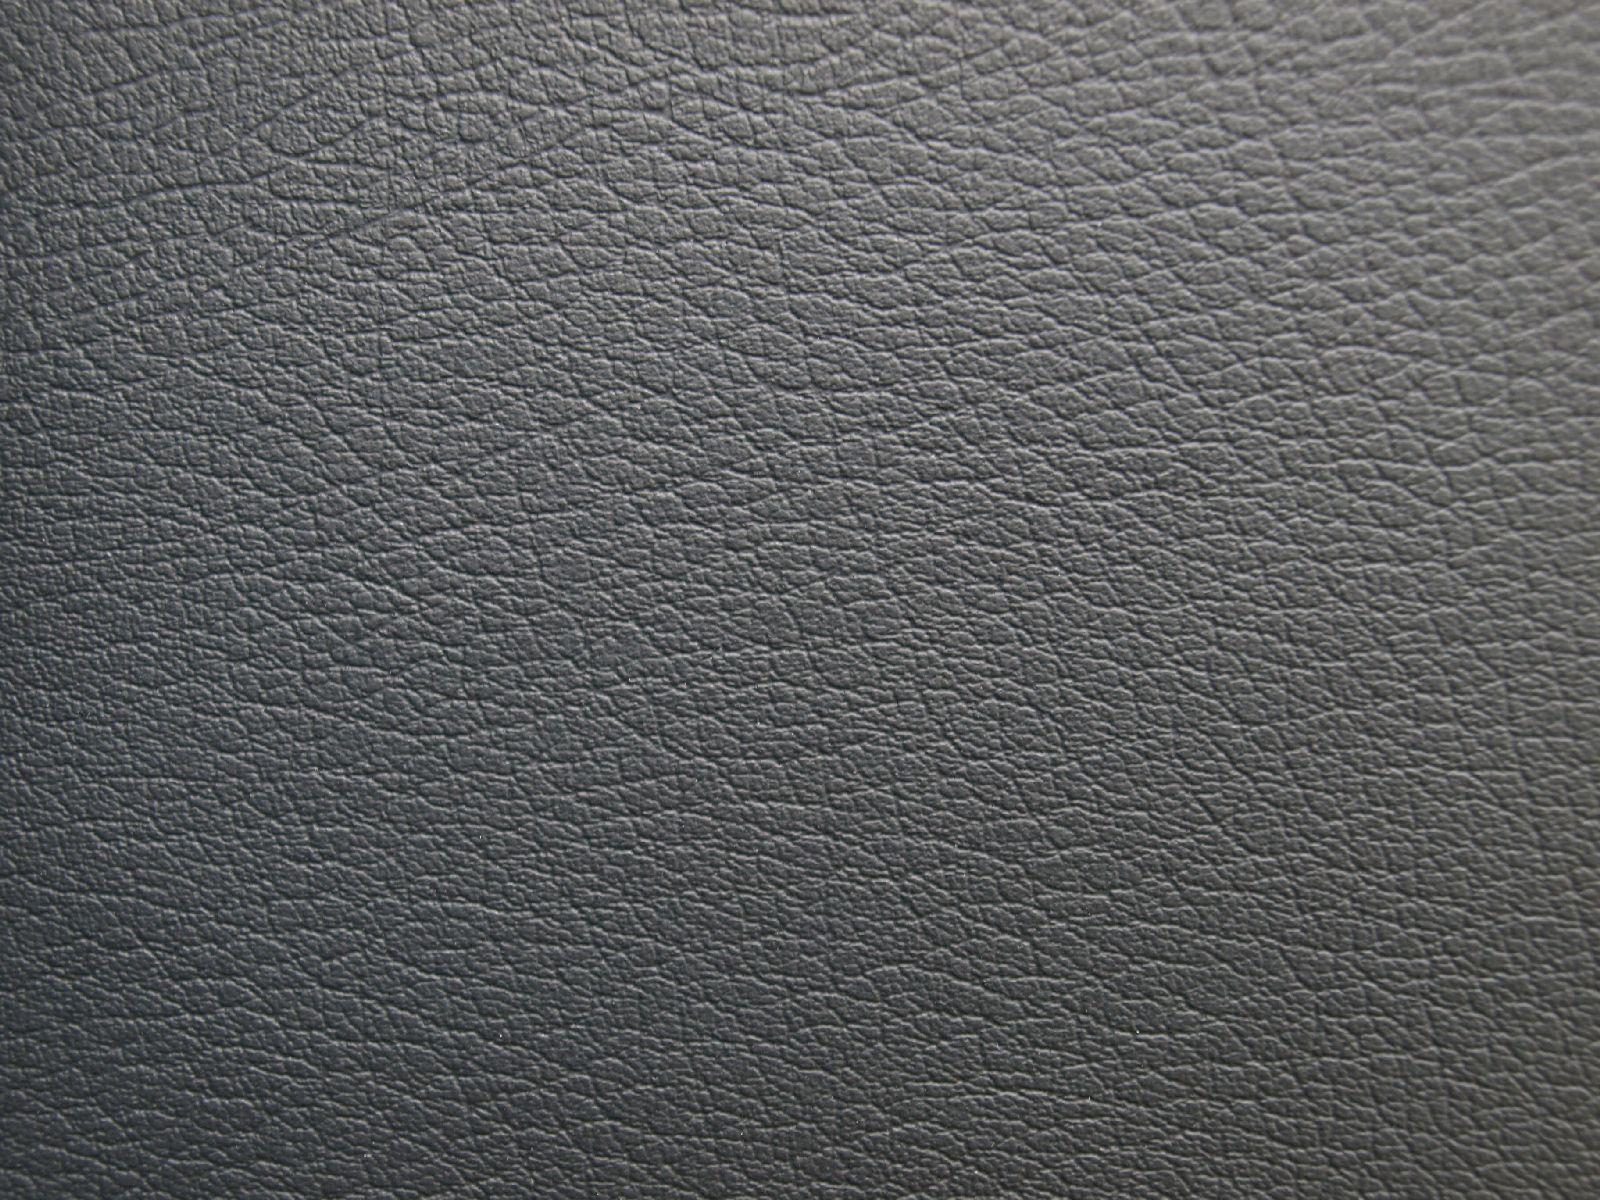 Innenraum-Material_Textur_A_P9059475